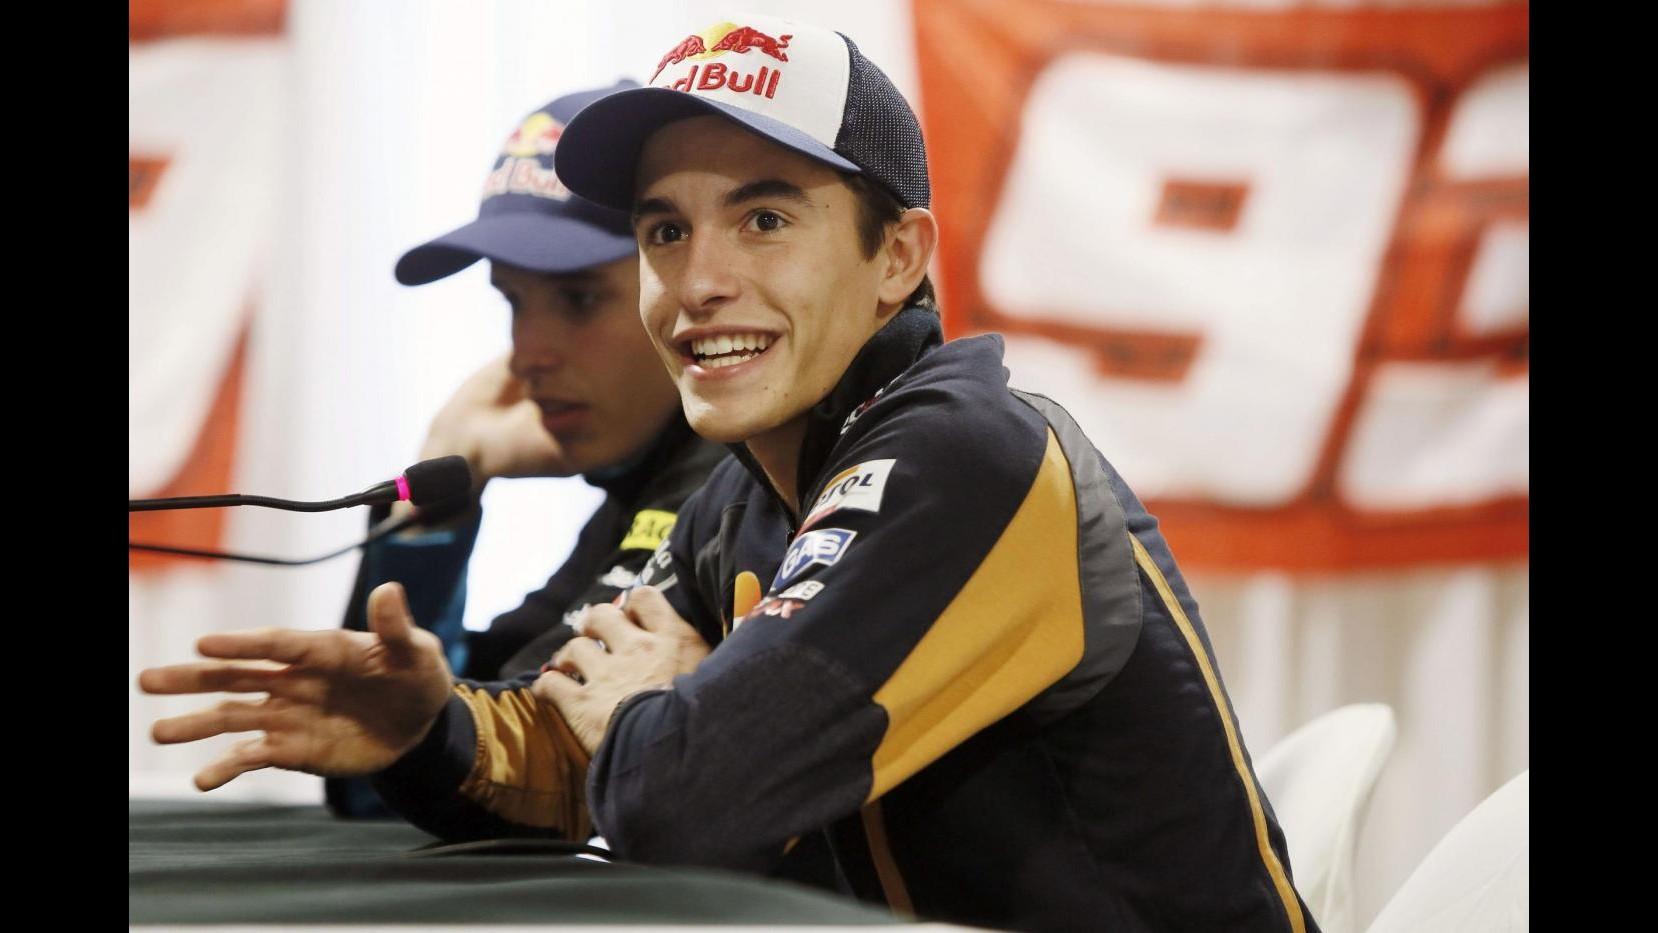 MotoGp, test Sepang: Marquez chiude al comando 2/a giornata, bene le Ducati